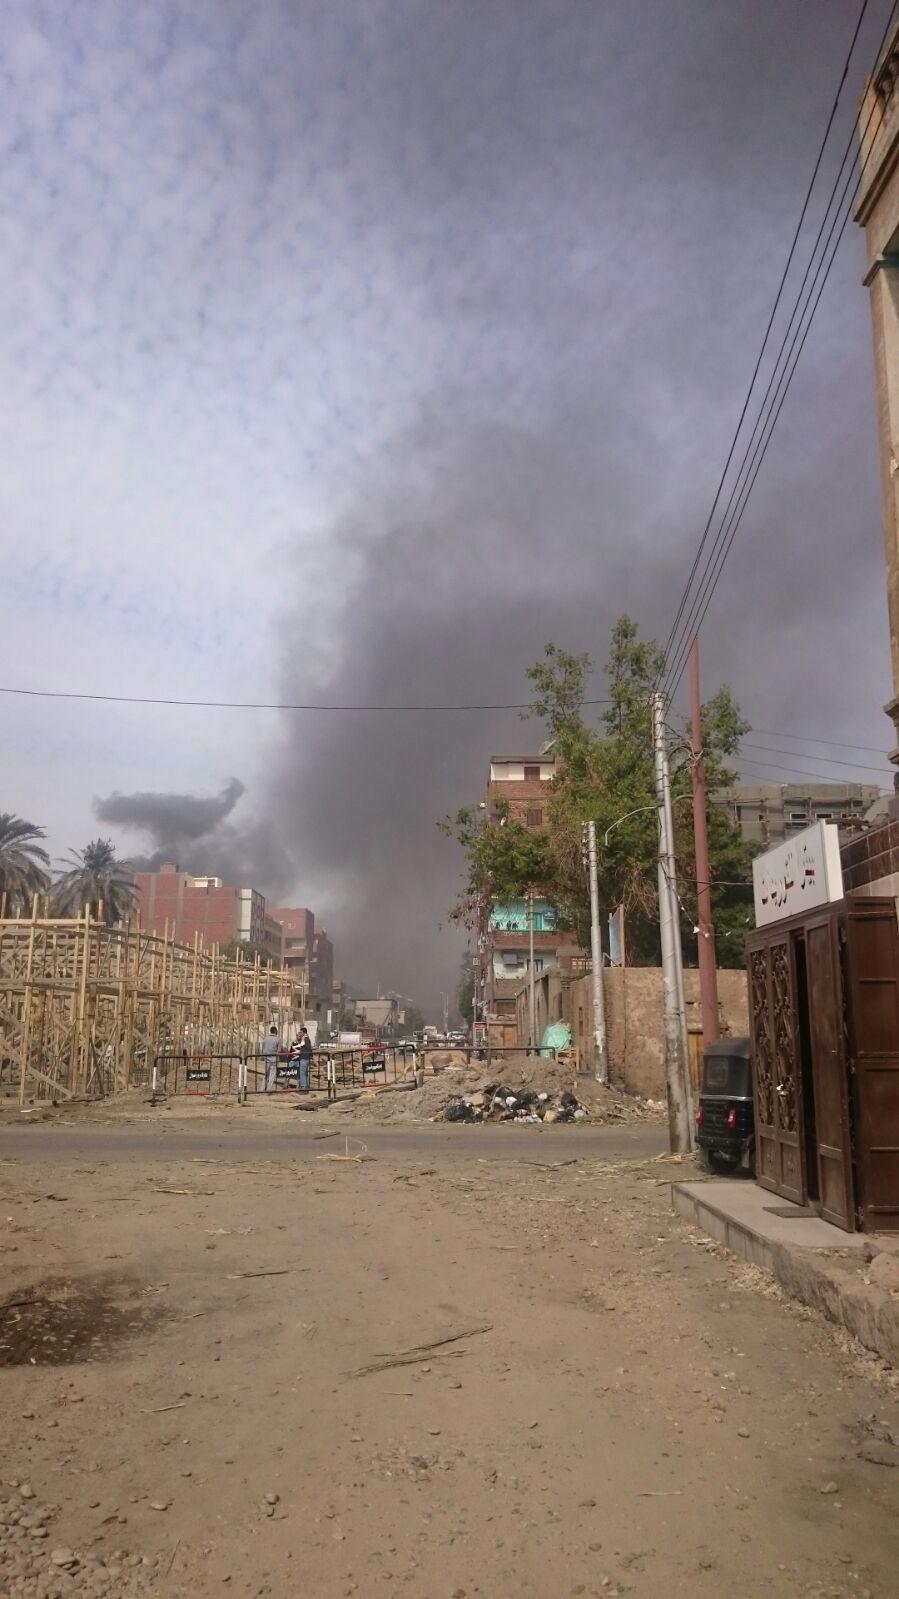 دخان سكر كوم إمبو يغطي سماءها.. ومواطن: «الطفل يخرج وردة منورة يرجع أسود»